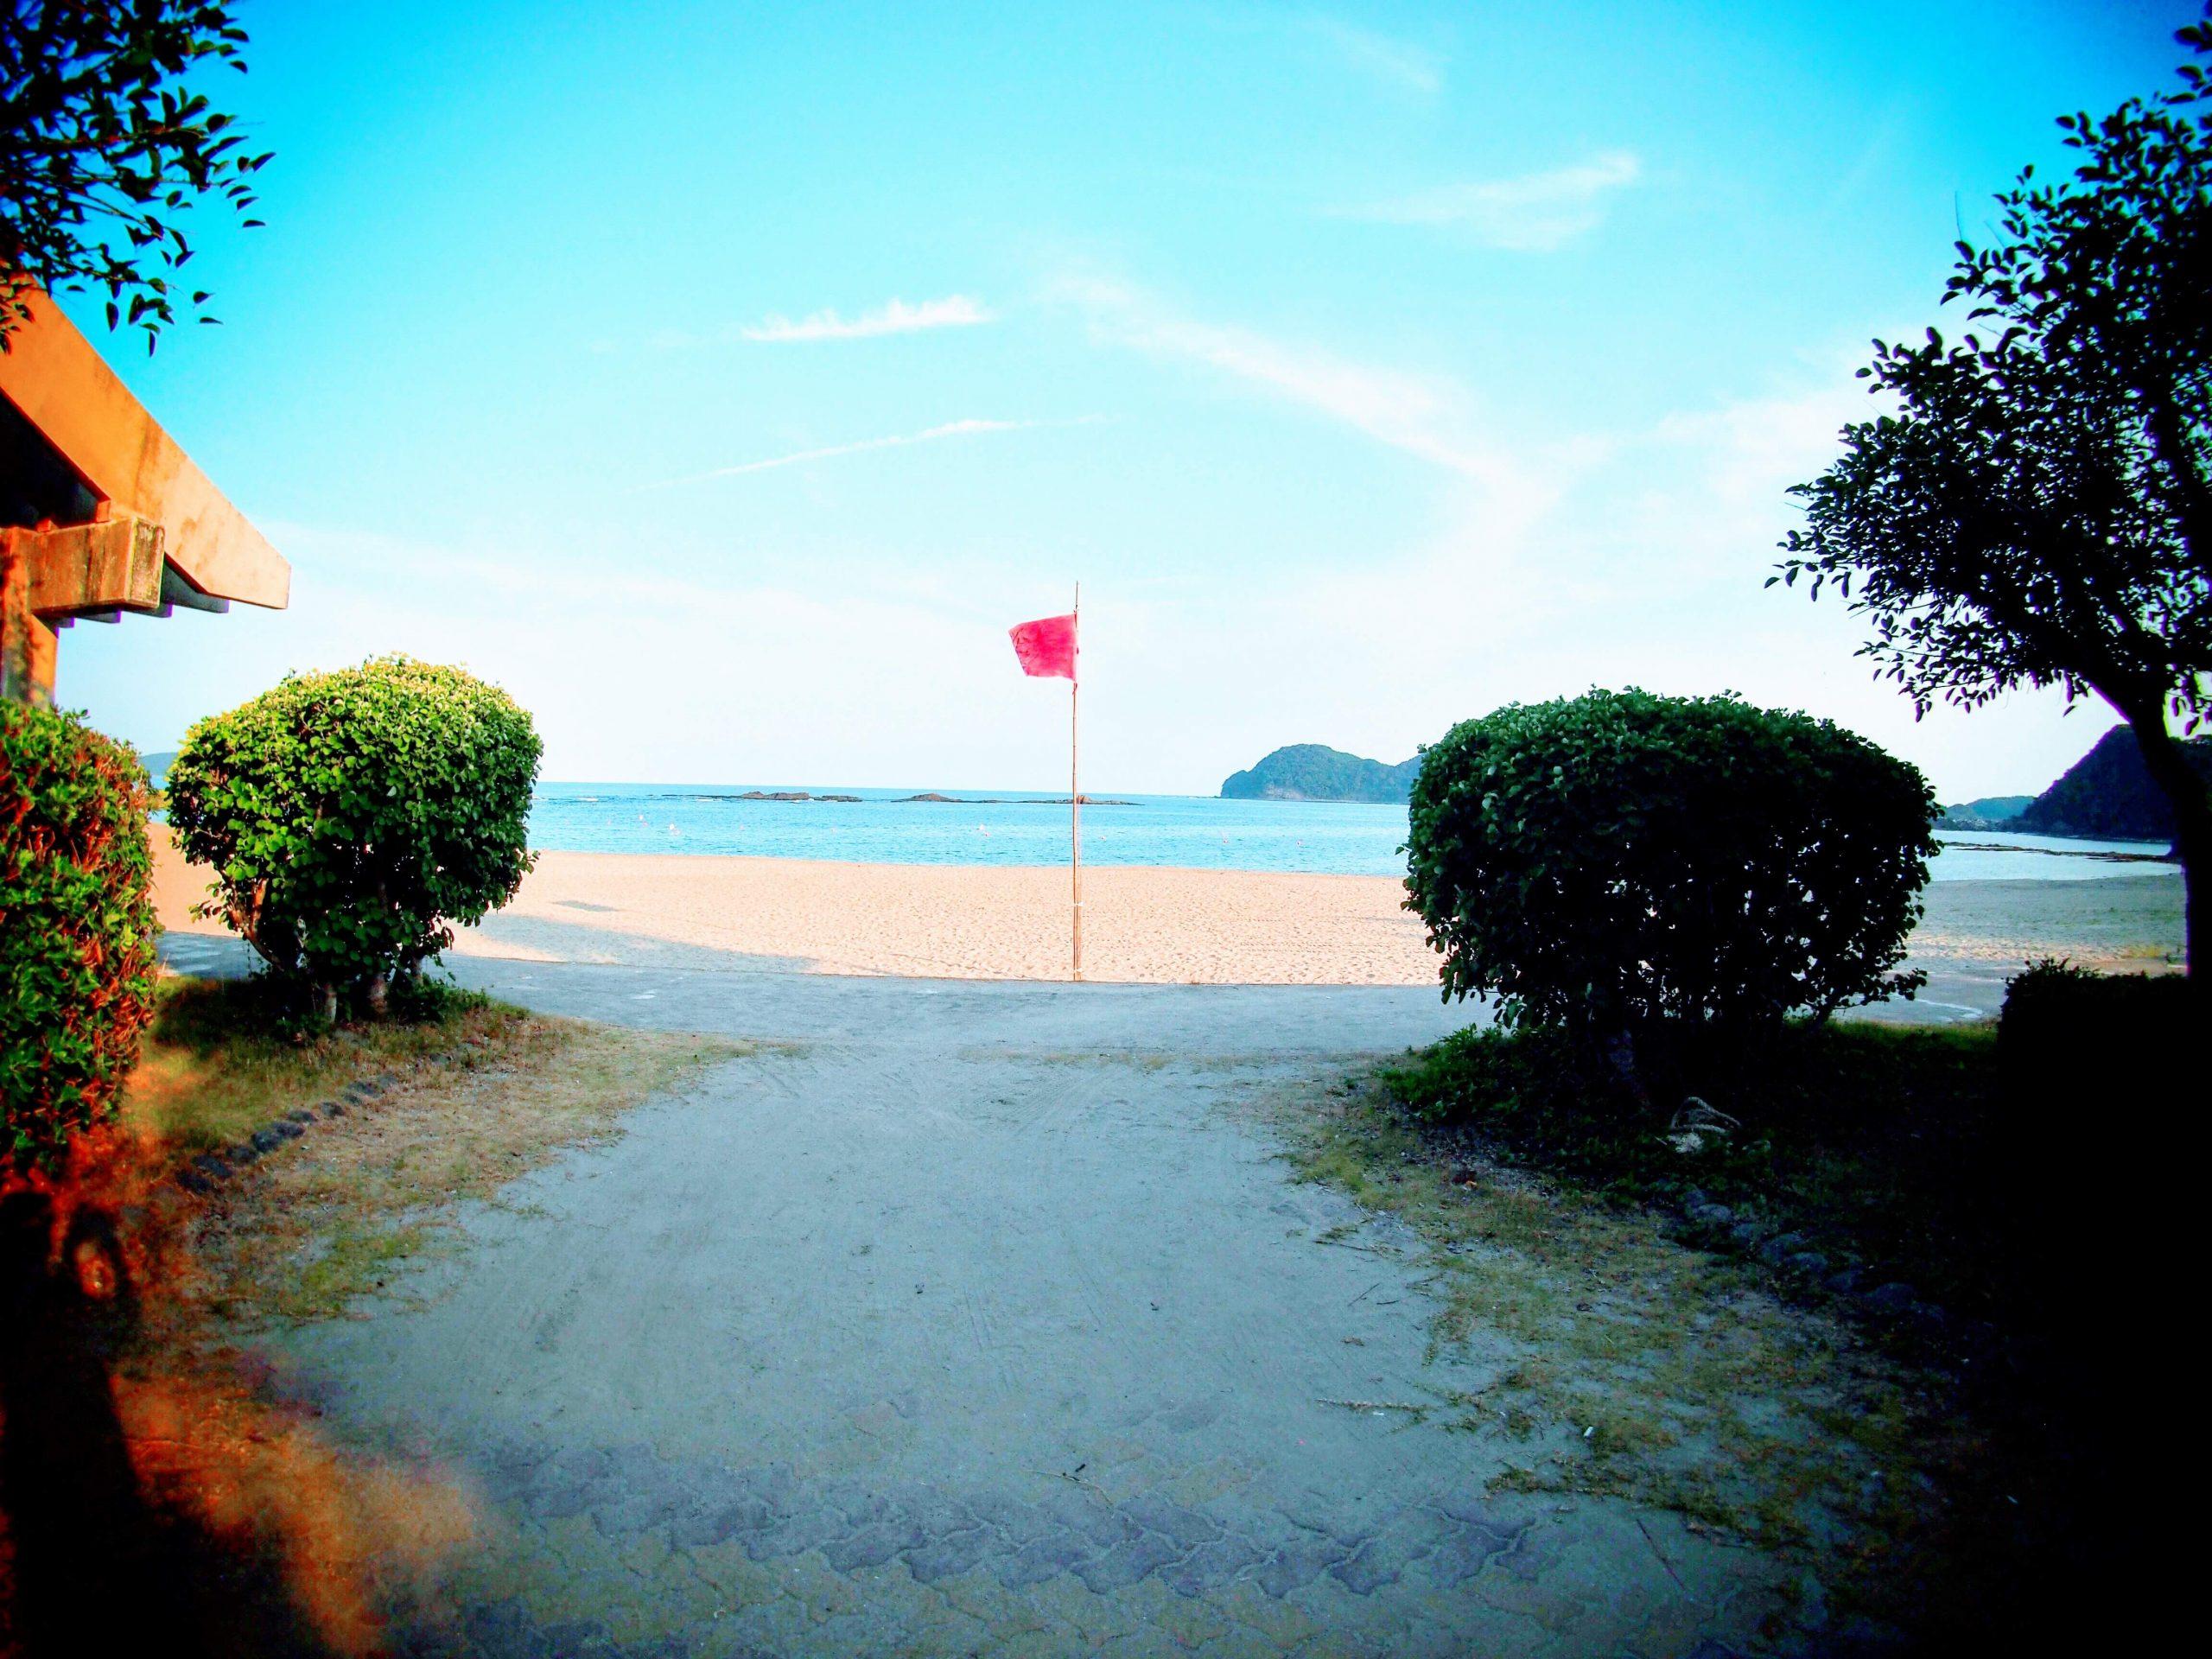 徳島県・大砂海岸に立つ旗